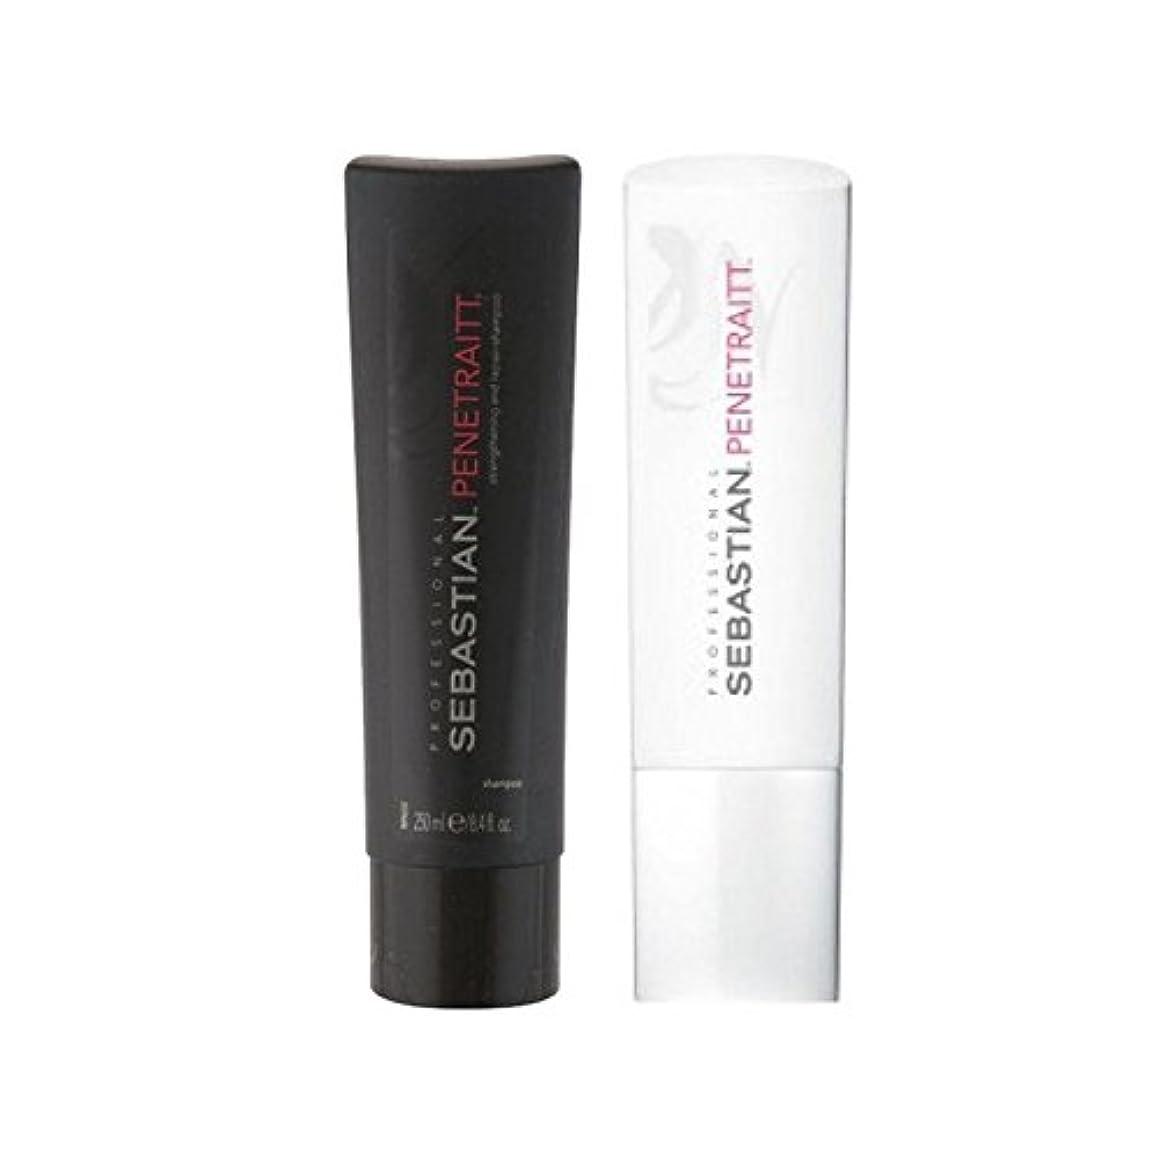 変色する社説満州Sebastian Professional Penetraitt Duo - Shampoo & Conditioner (Pack of 6) - セバスチャンプロデュオ - シャンプー&コンディショナー x6 [並行輸入品]